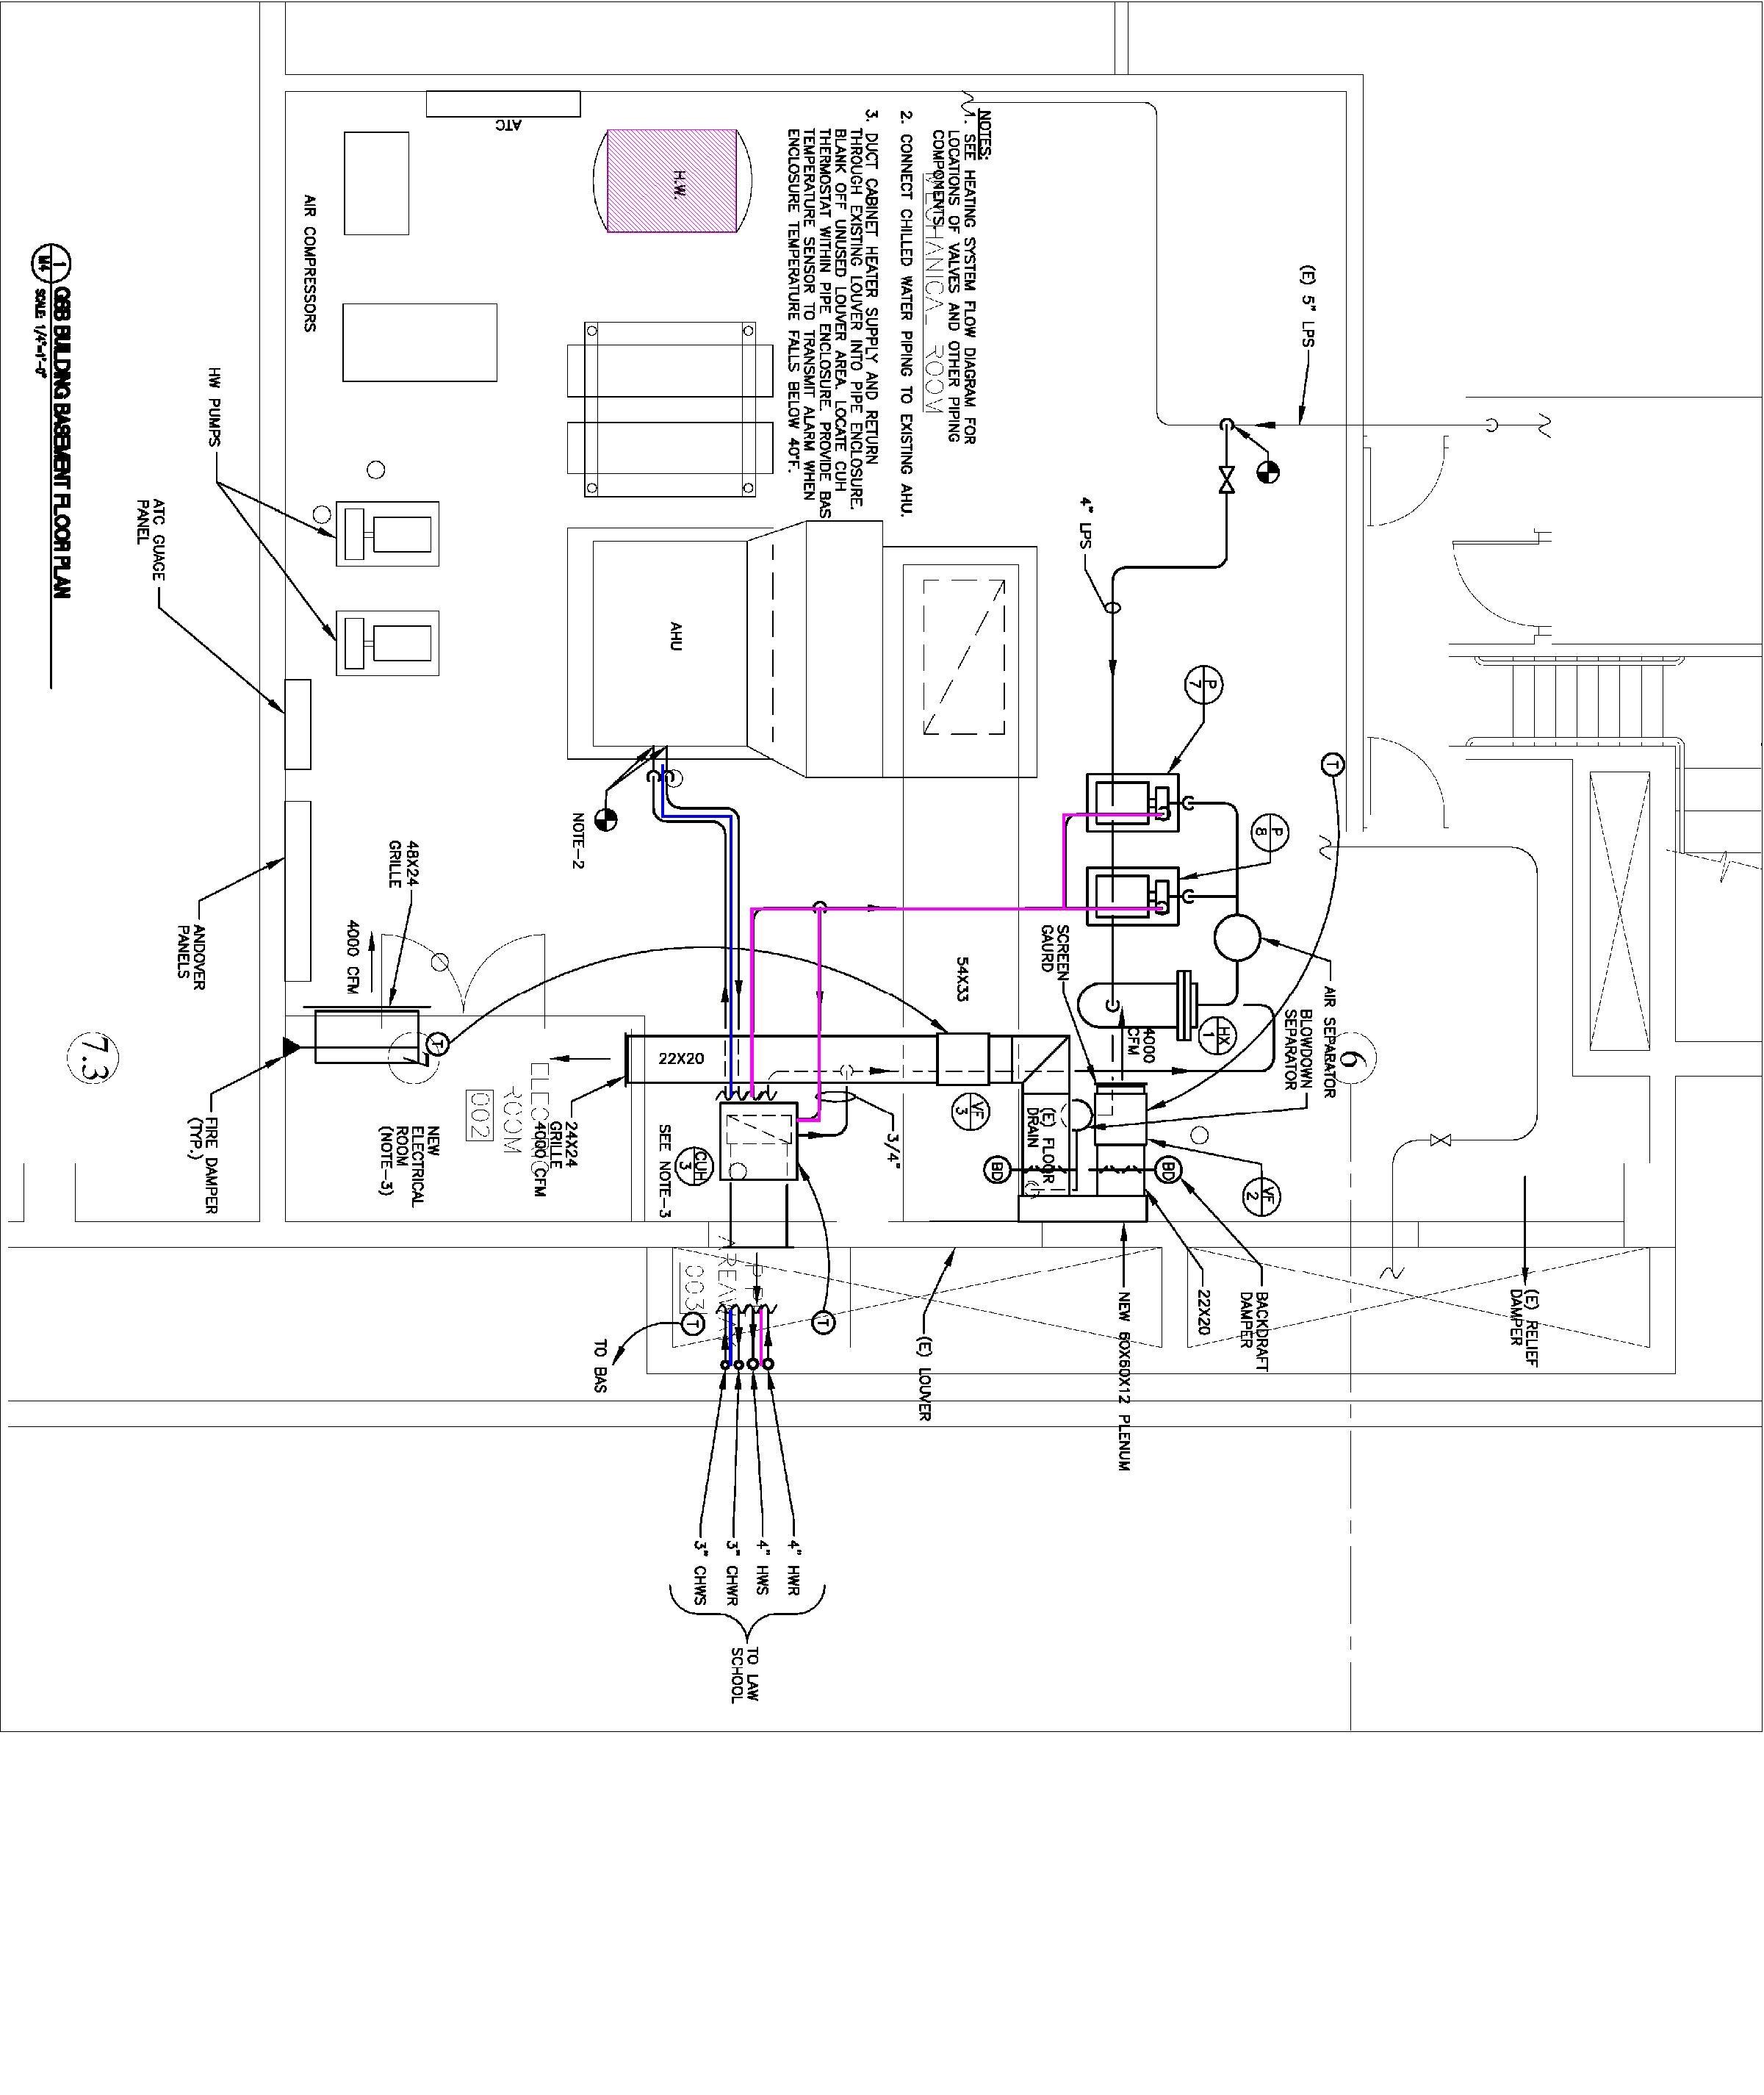 Pump Wiring Diagram - All Diagram Schematics